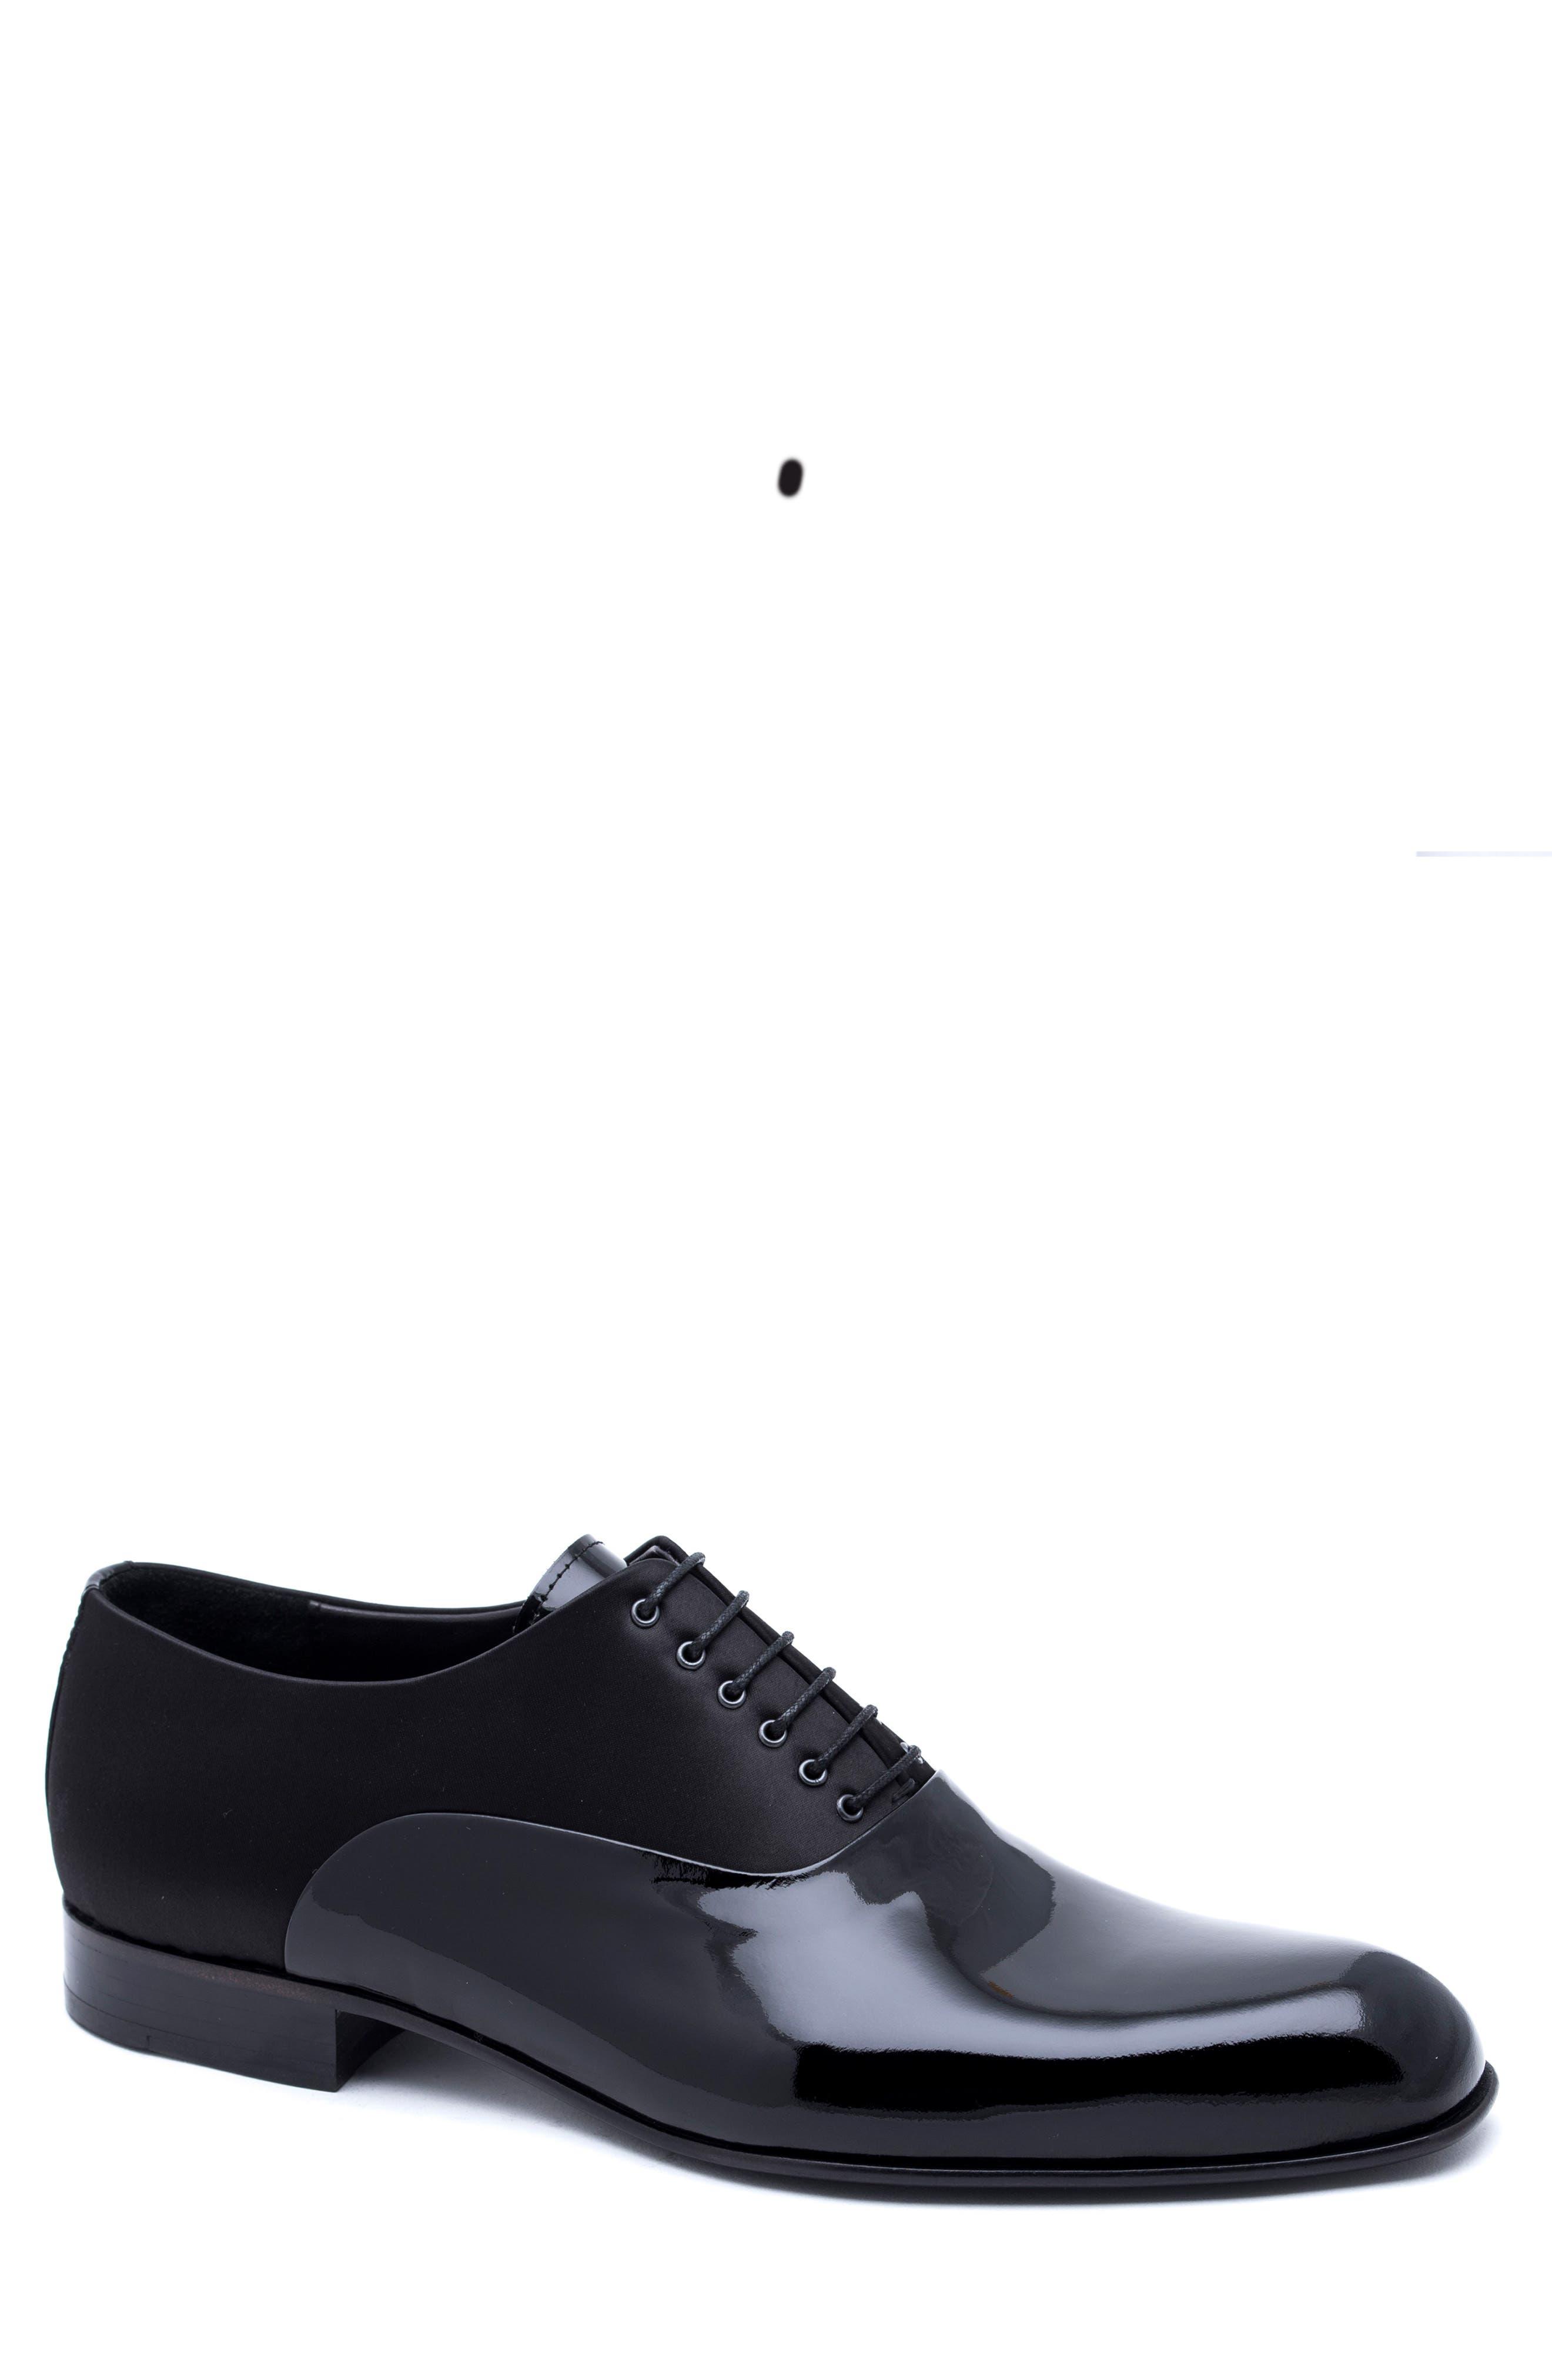 Alternate Image 1 Selected - Jared Lang Plain Toe Oxford (Men)